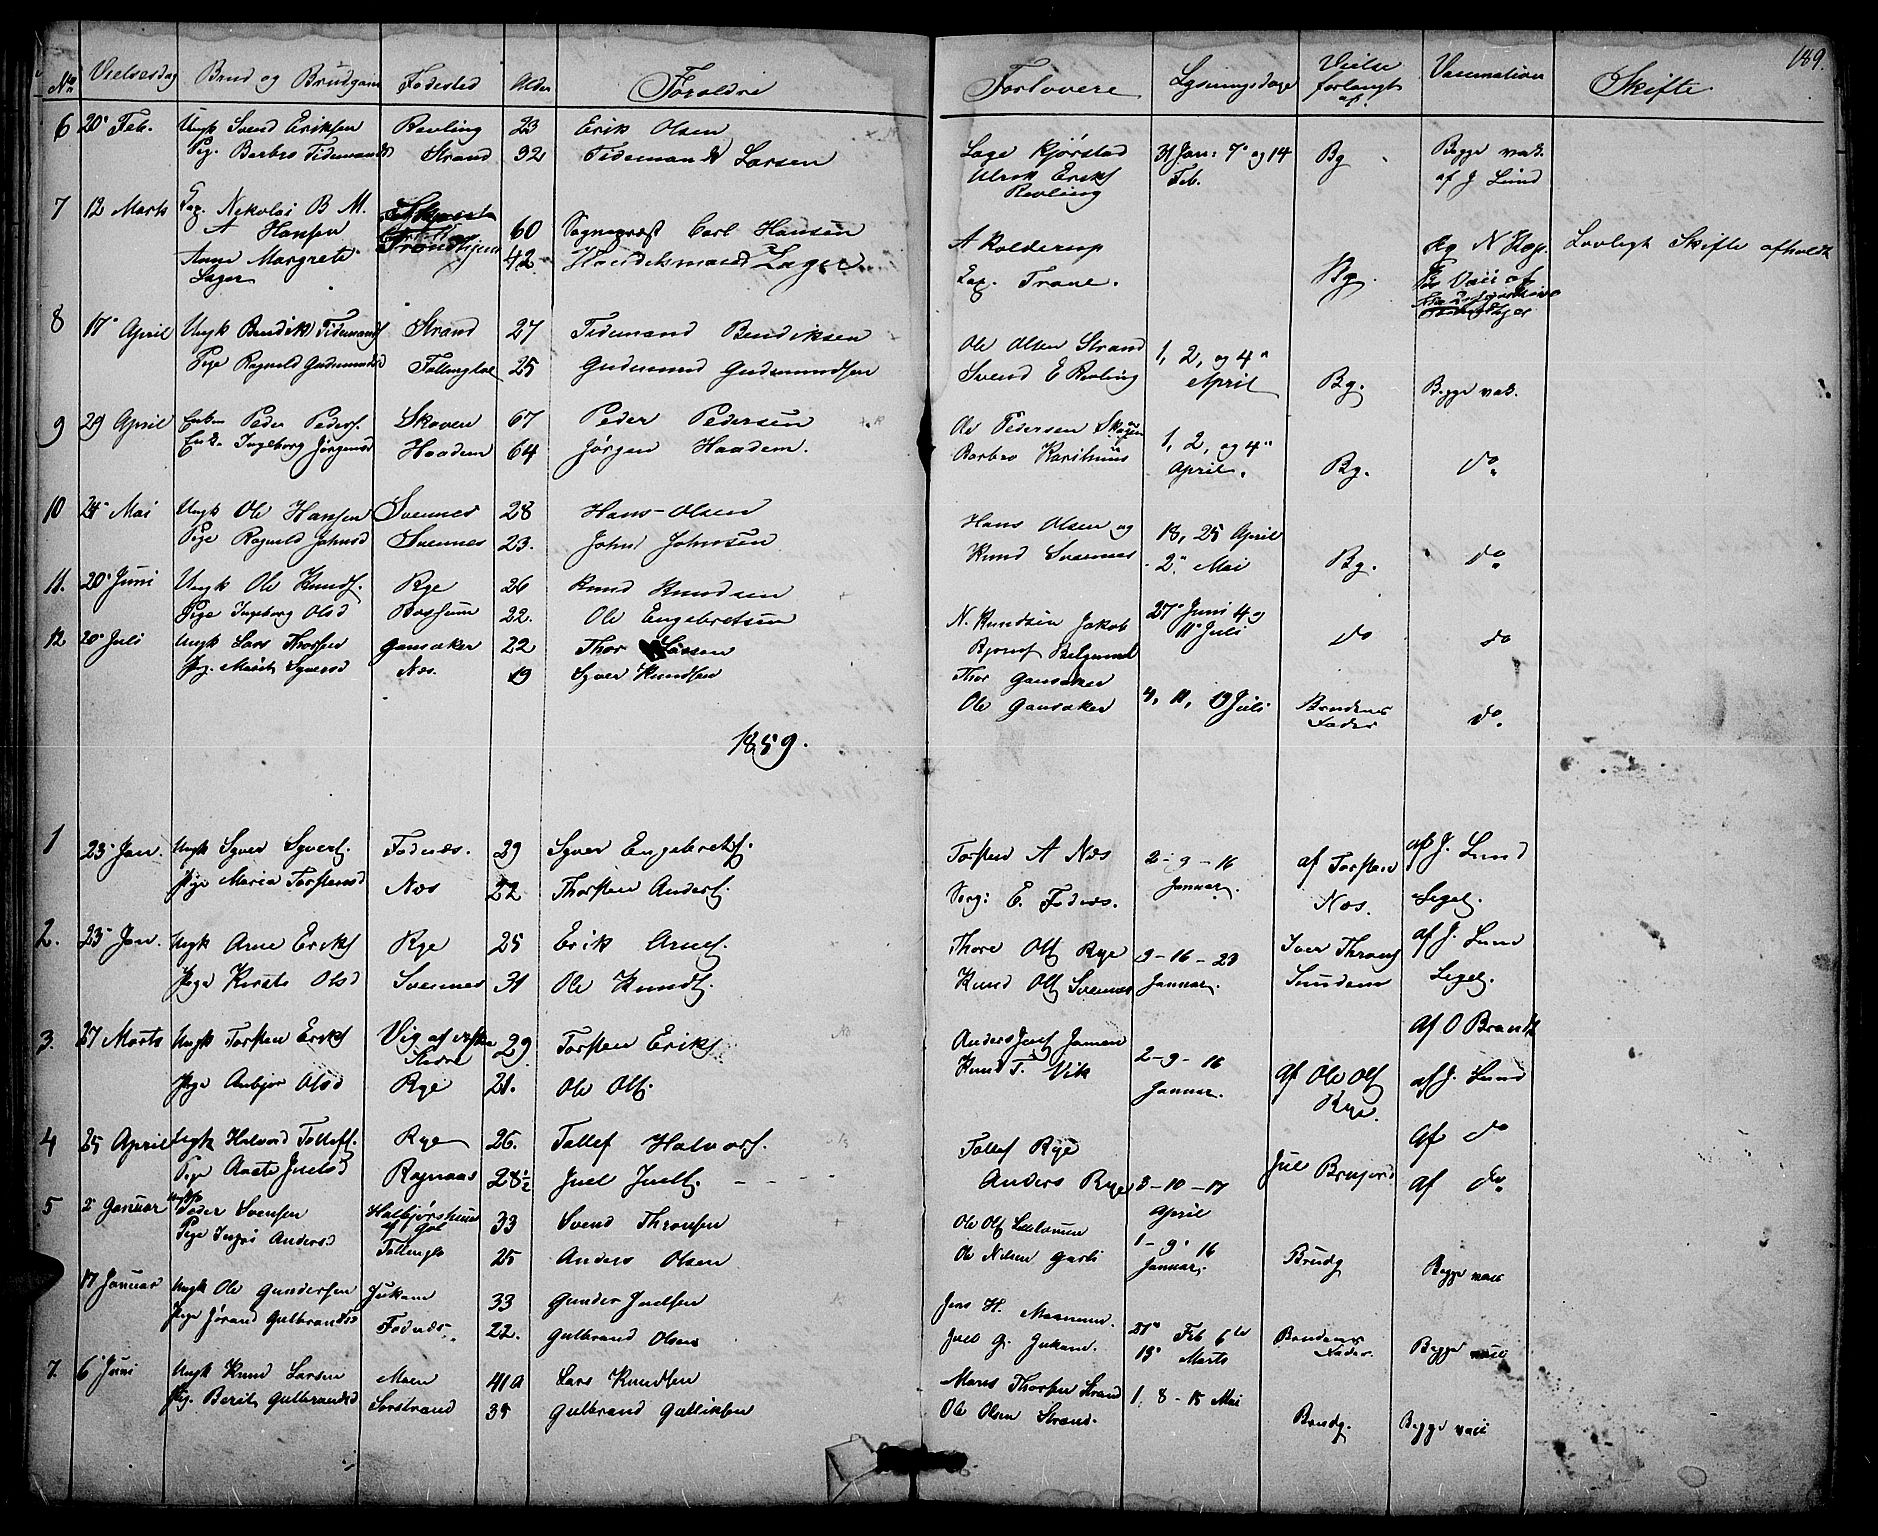 SAH, Nord-Aurdal prestekontor, Klokkerbok nr. 3, 1842-1882, s. 189